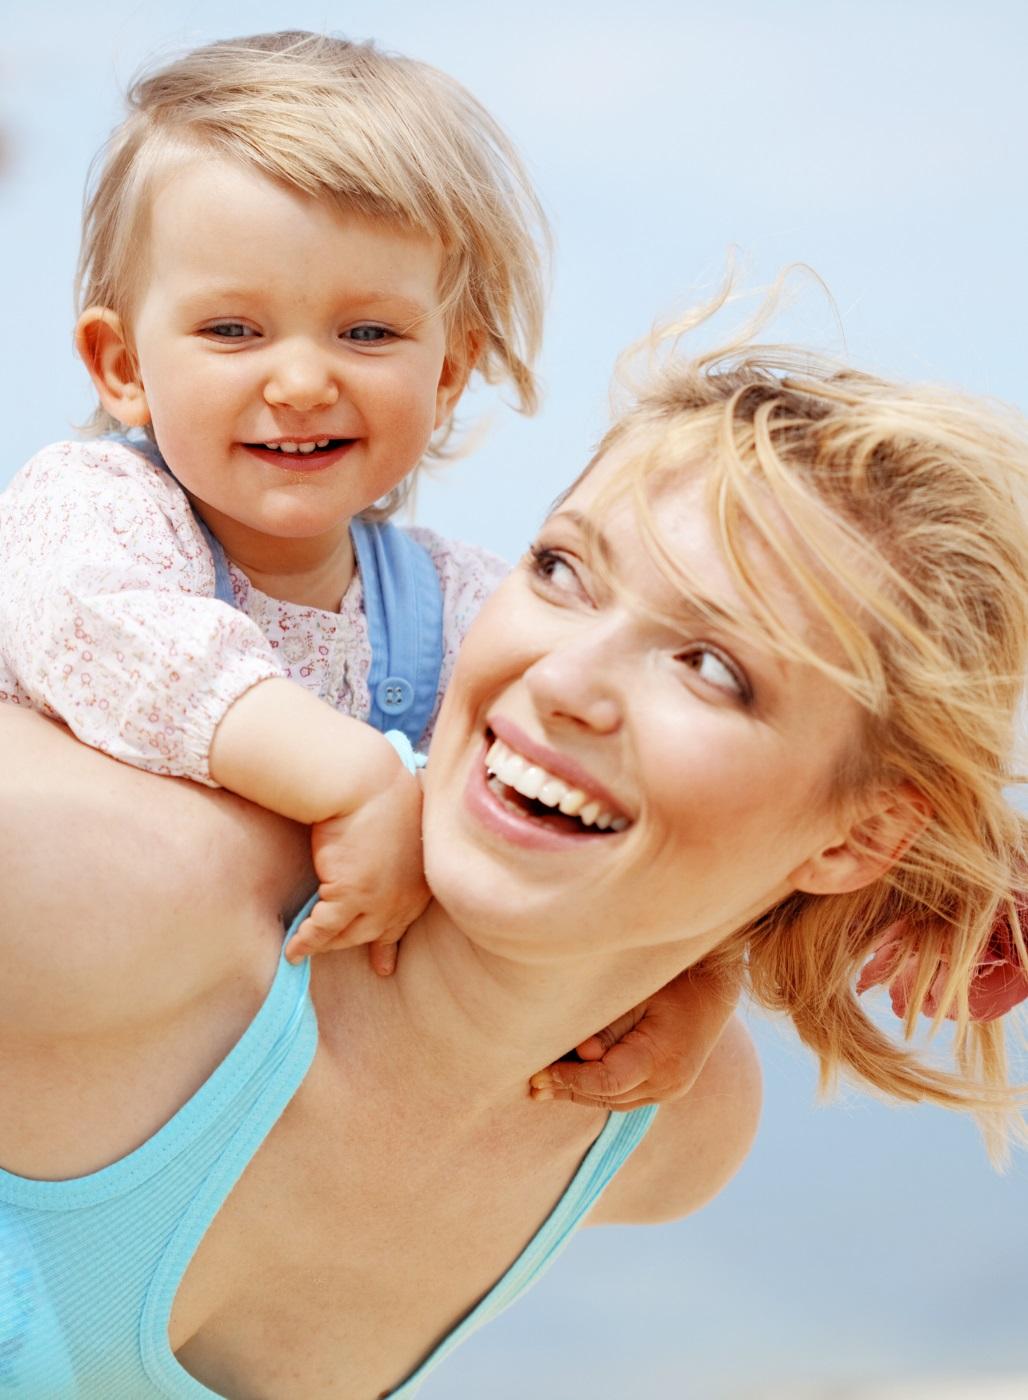 Bereits die Kleinsten vor Infektionskrankheiten schützen!